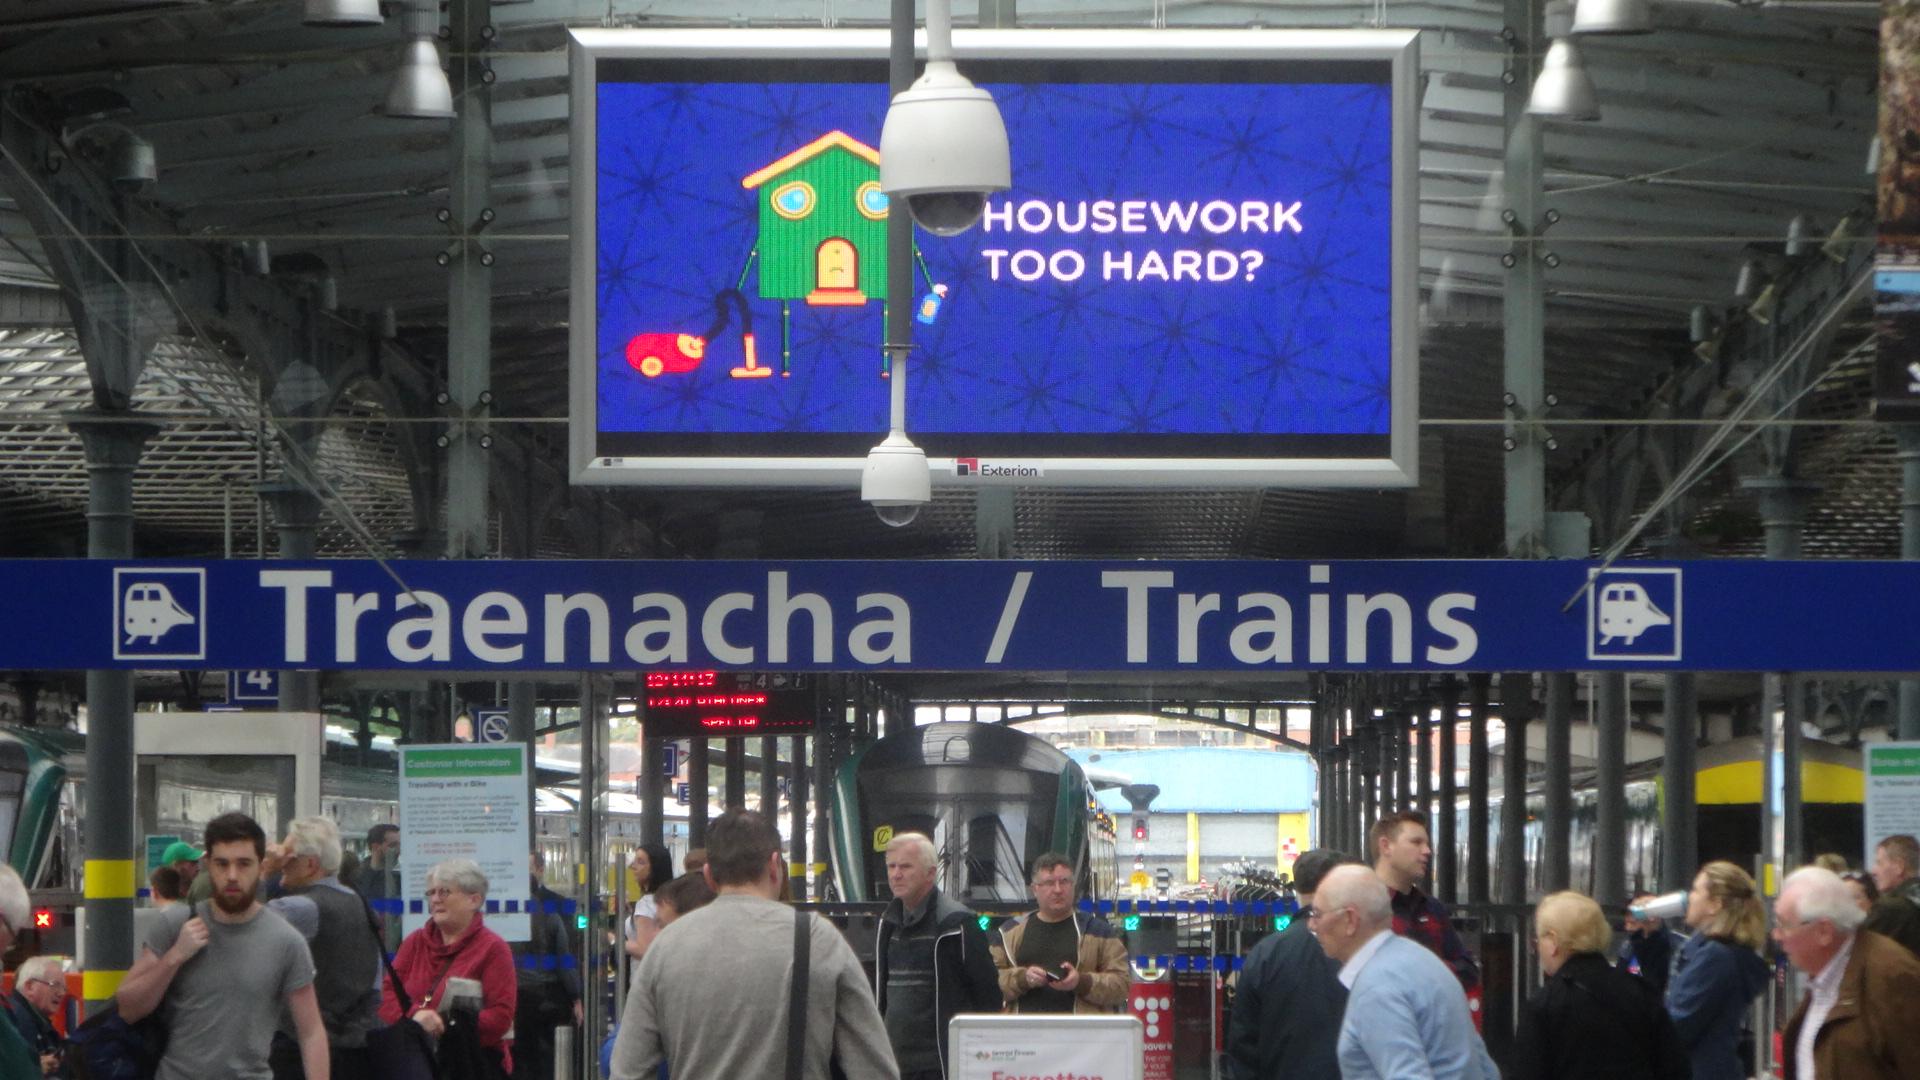 駅の案内表示に過書かれたゲール語と英語